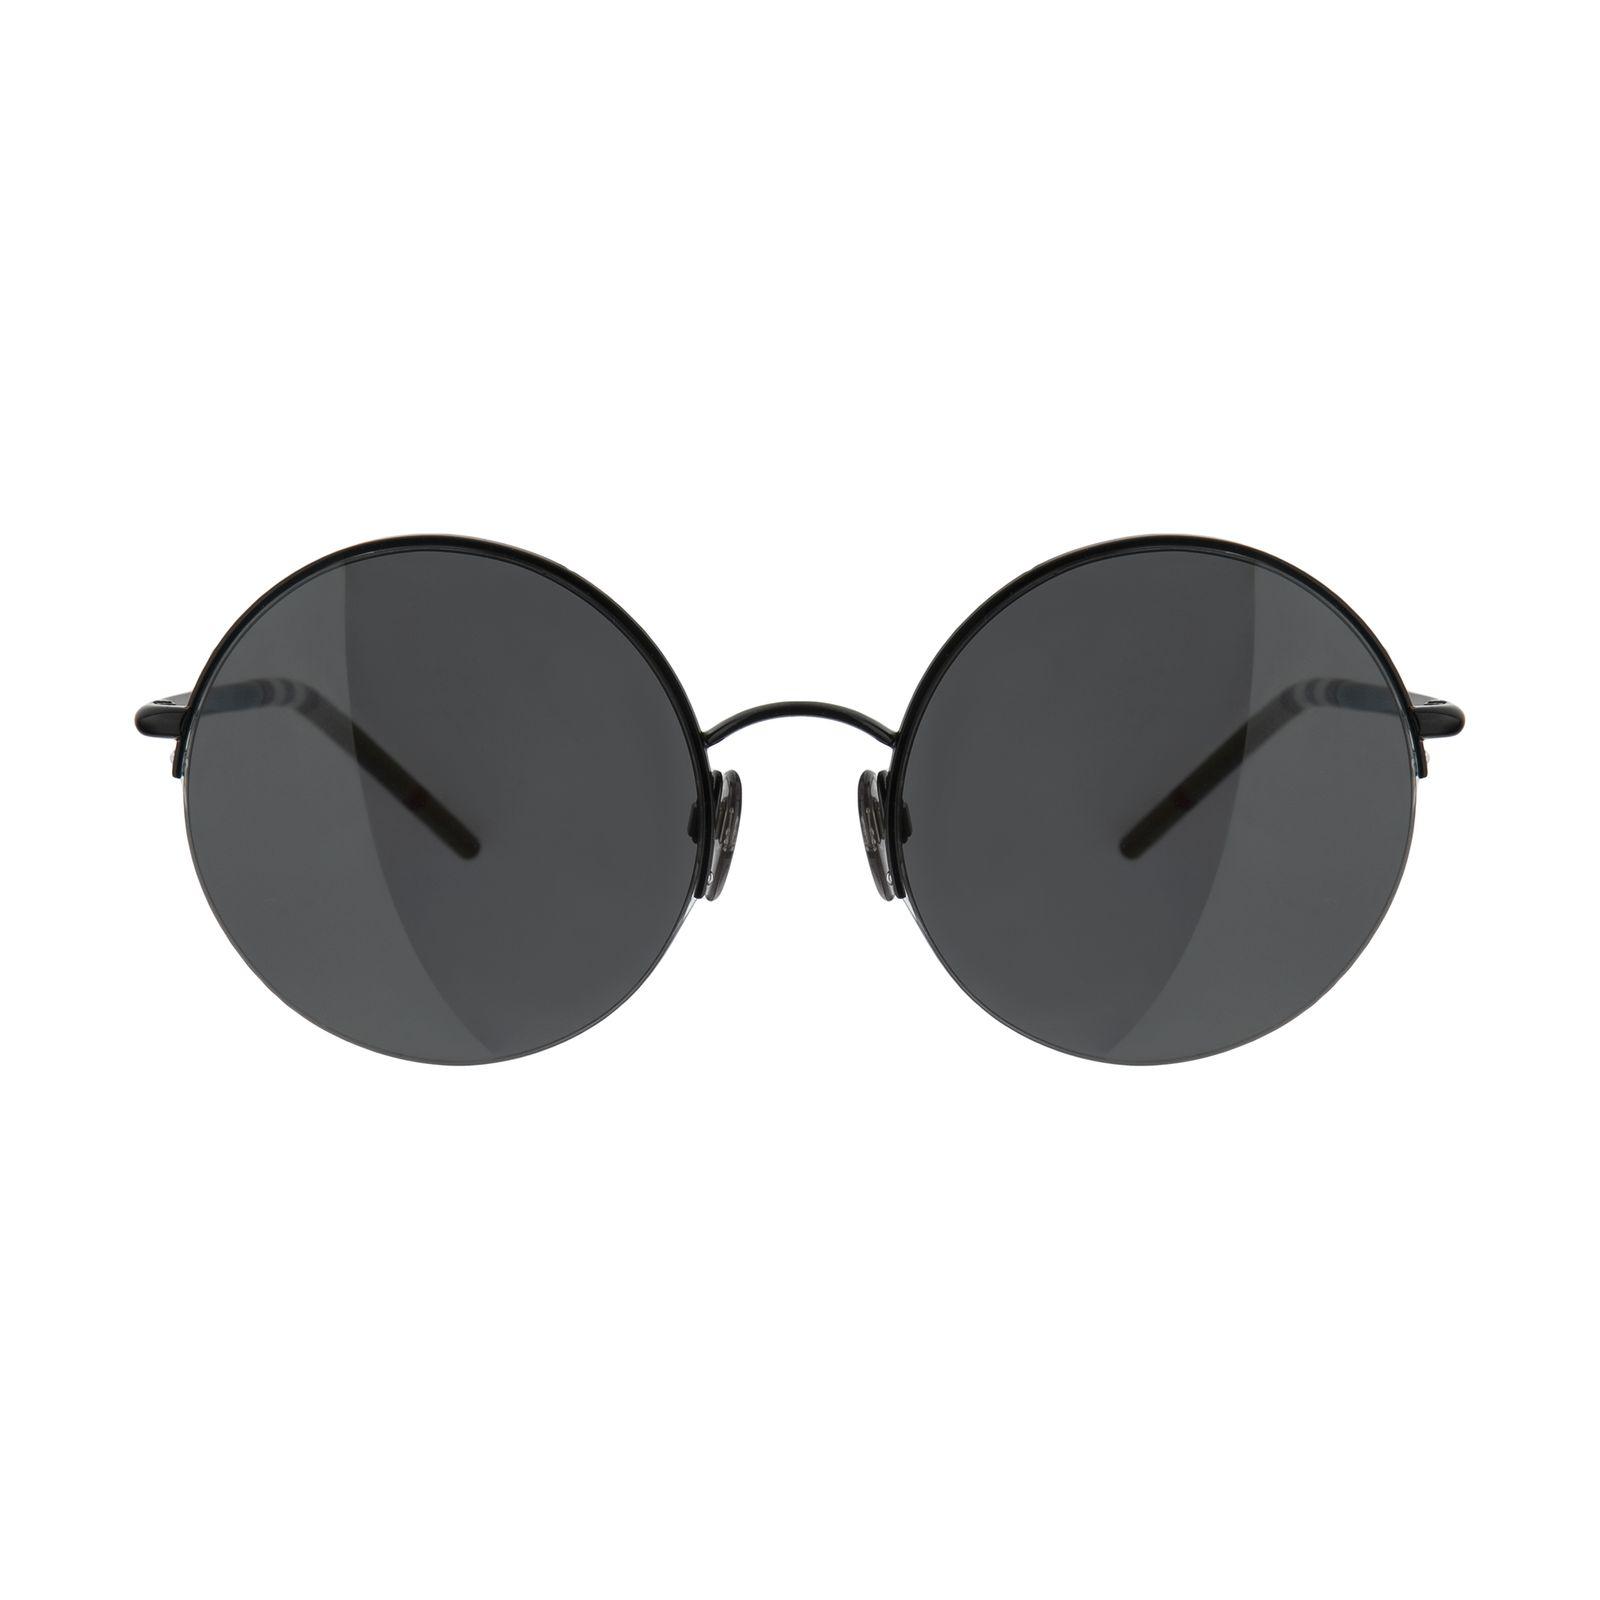 عینک آفتابی زنانه بربری مدل BE 3101S 100187 54 -  - 2